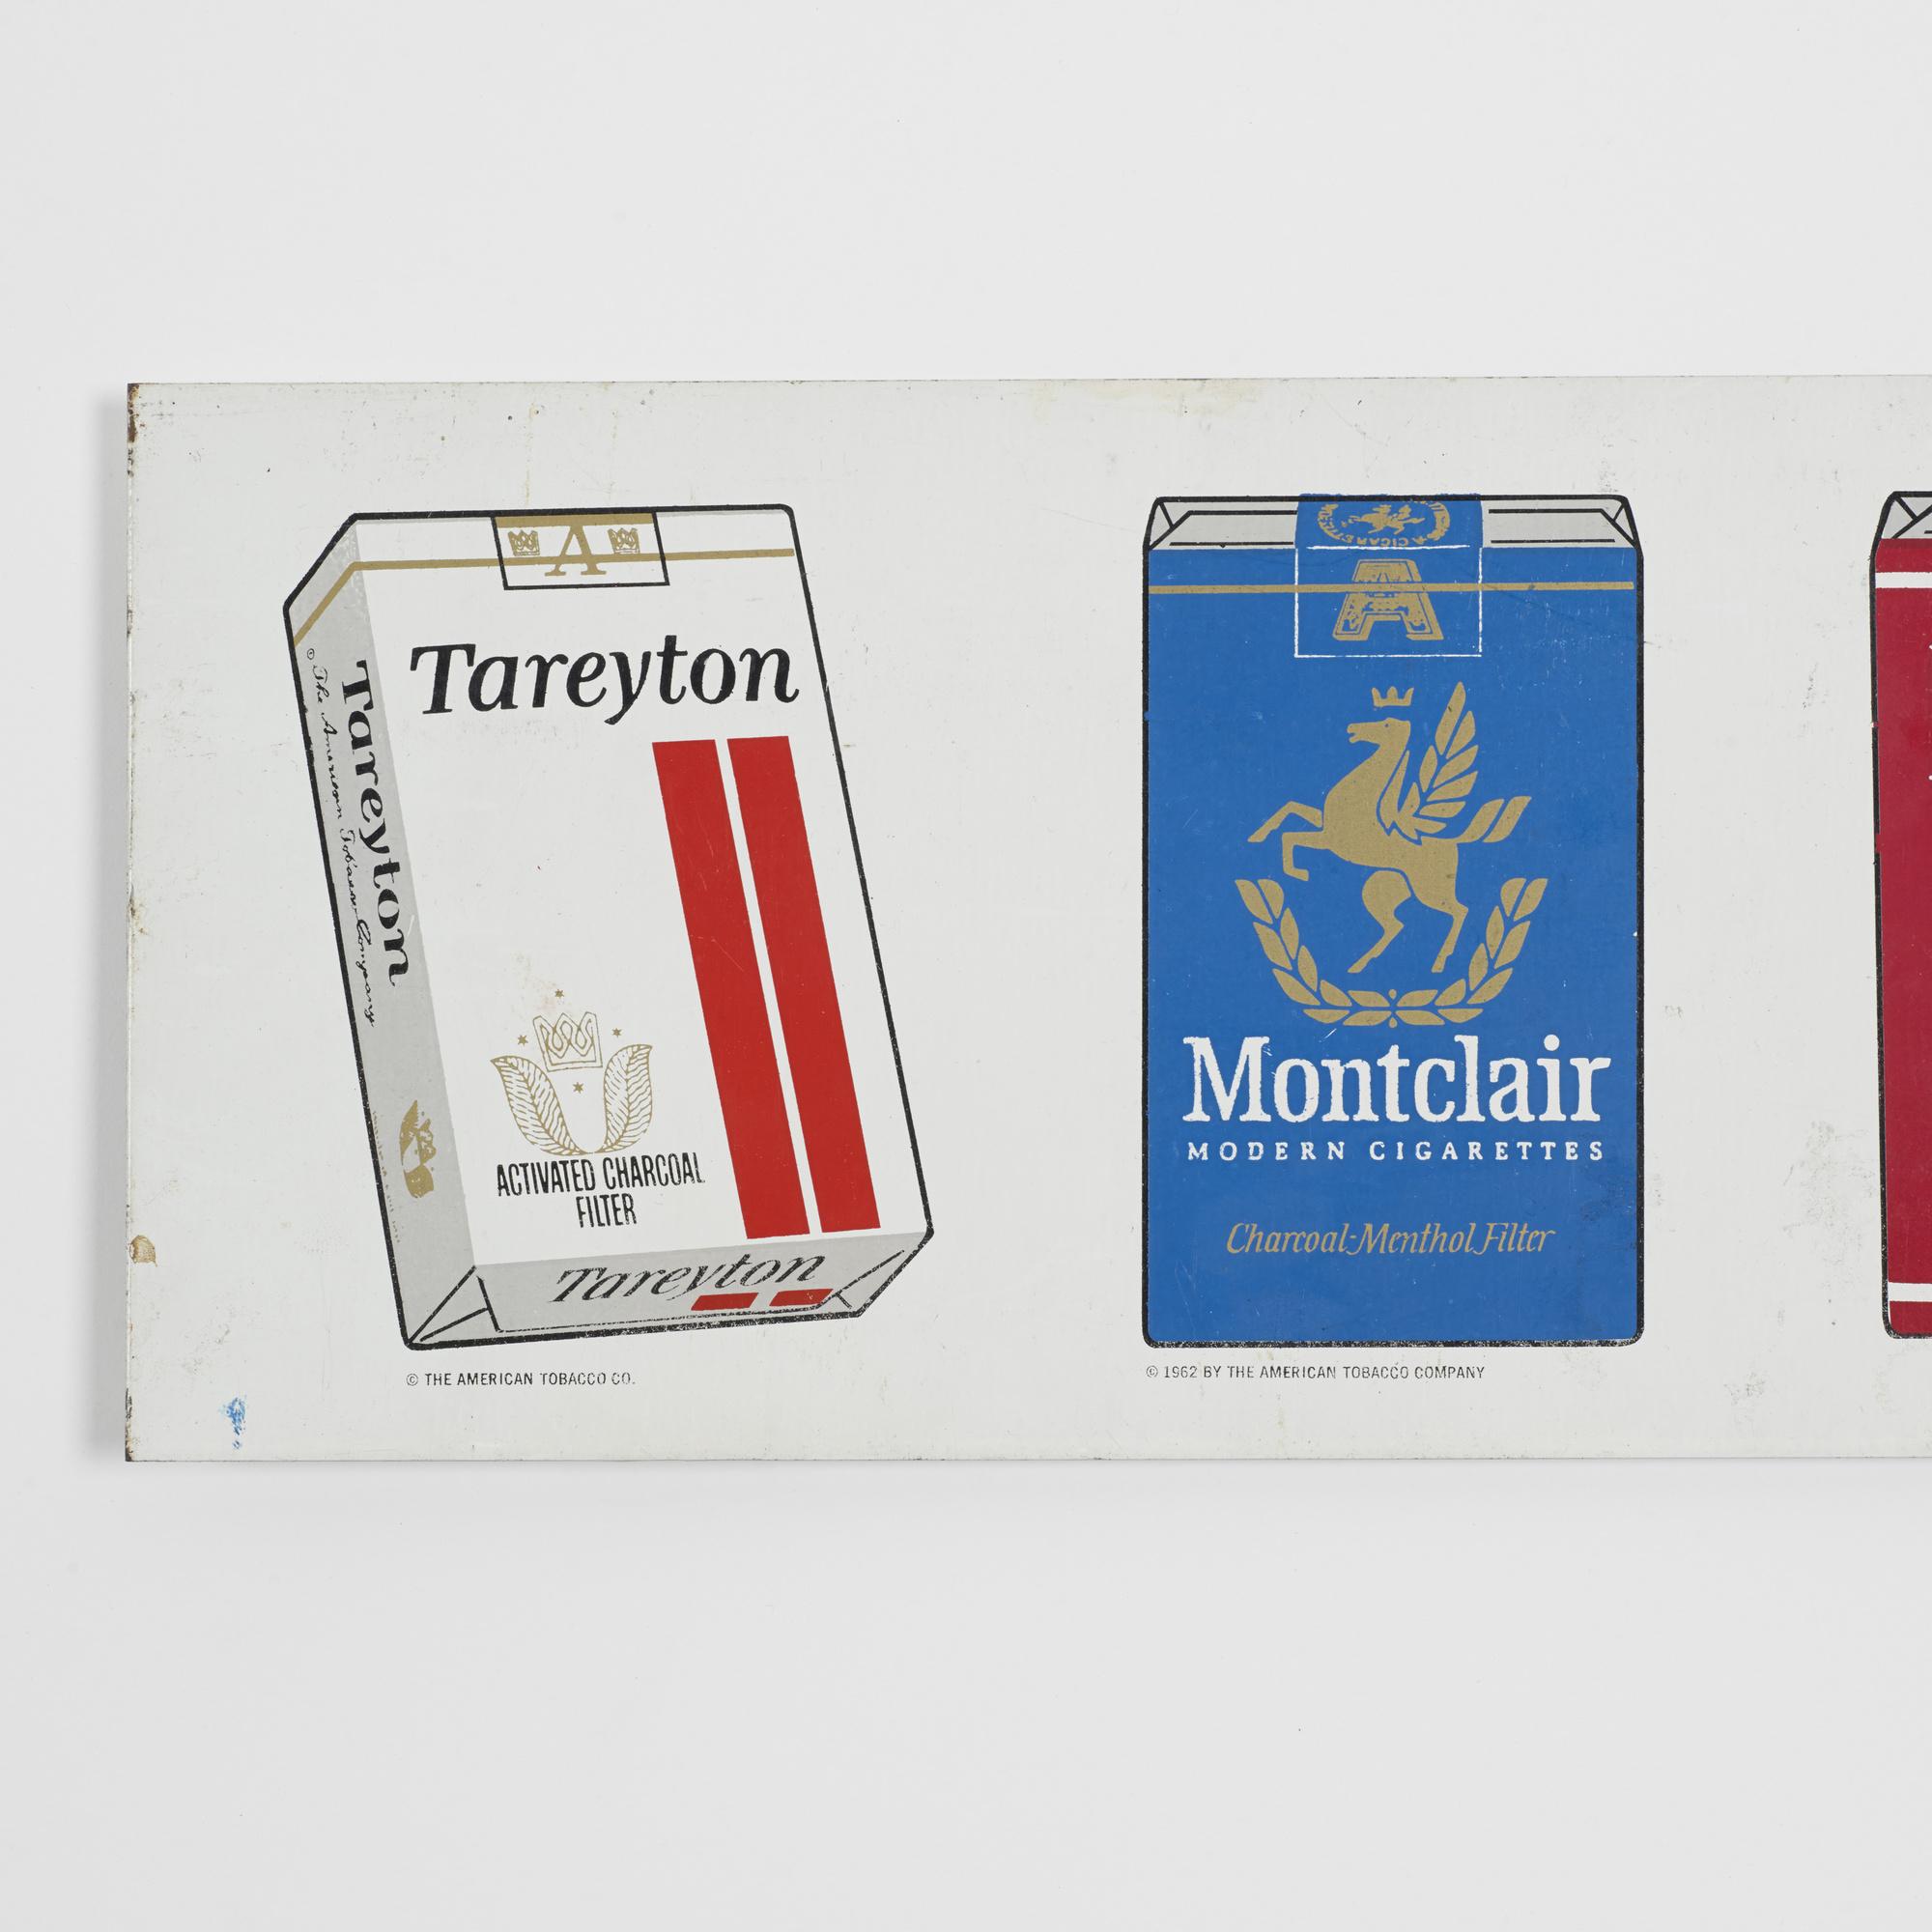 394: American Tobacco Company / cigarette sign (3 of 3)